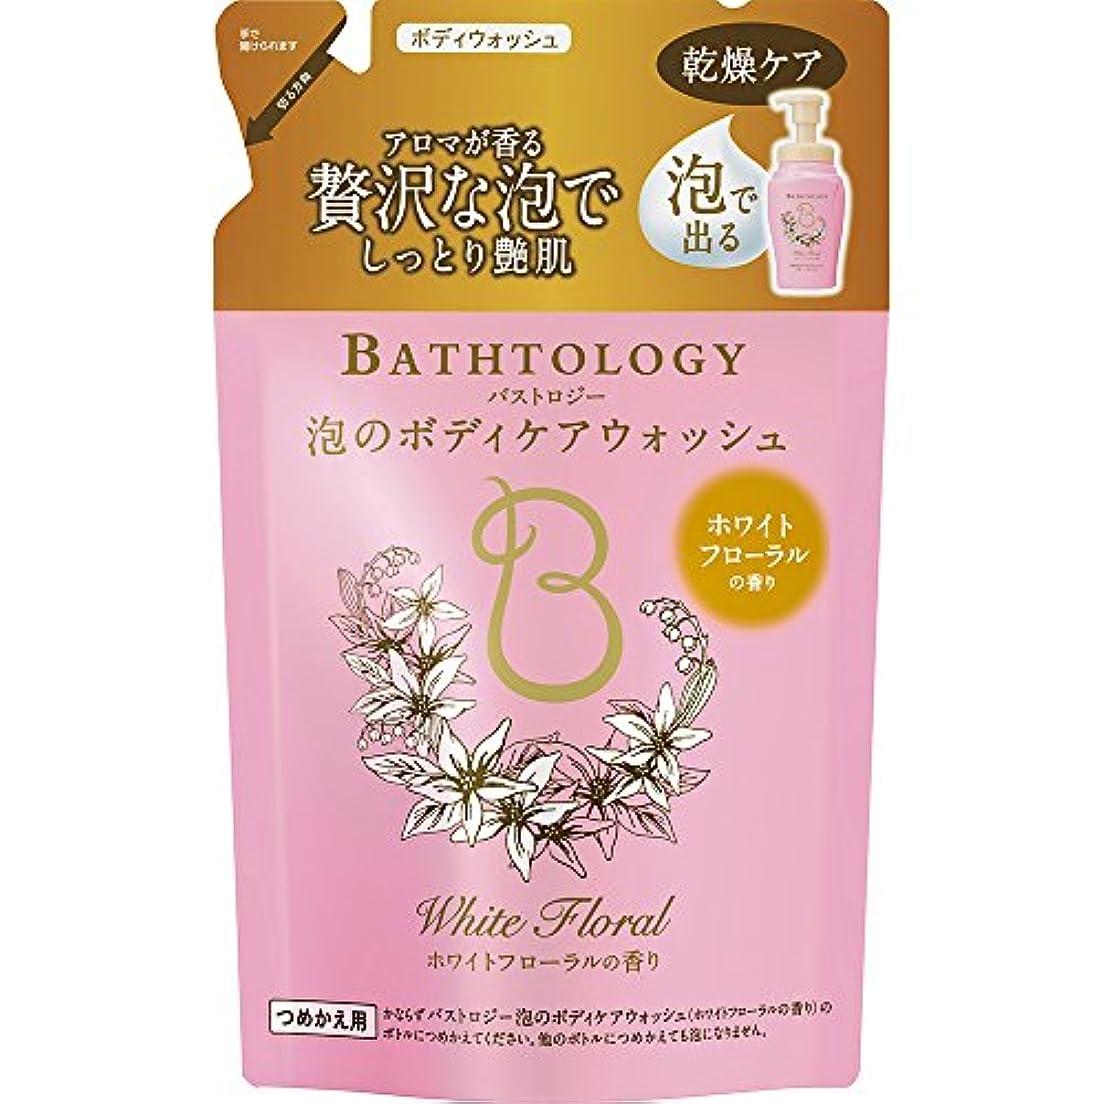 確認おびえた原稿BATHTOLOGY 泡のボディケアウォッシュ ホワイトフローラルの香り 詰め替え 350ml